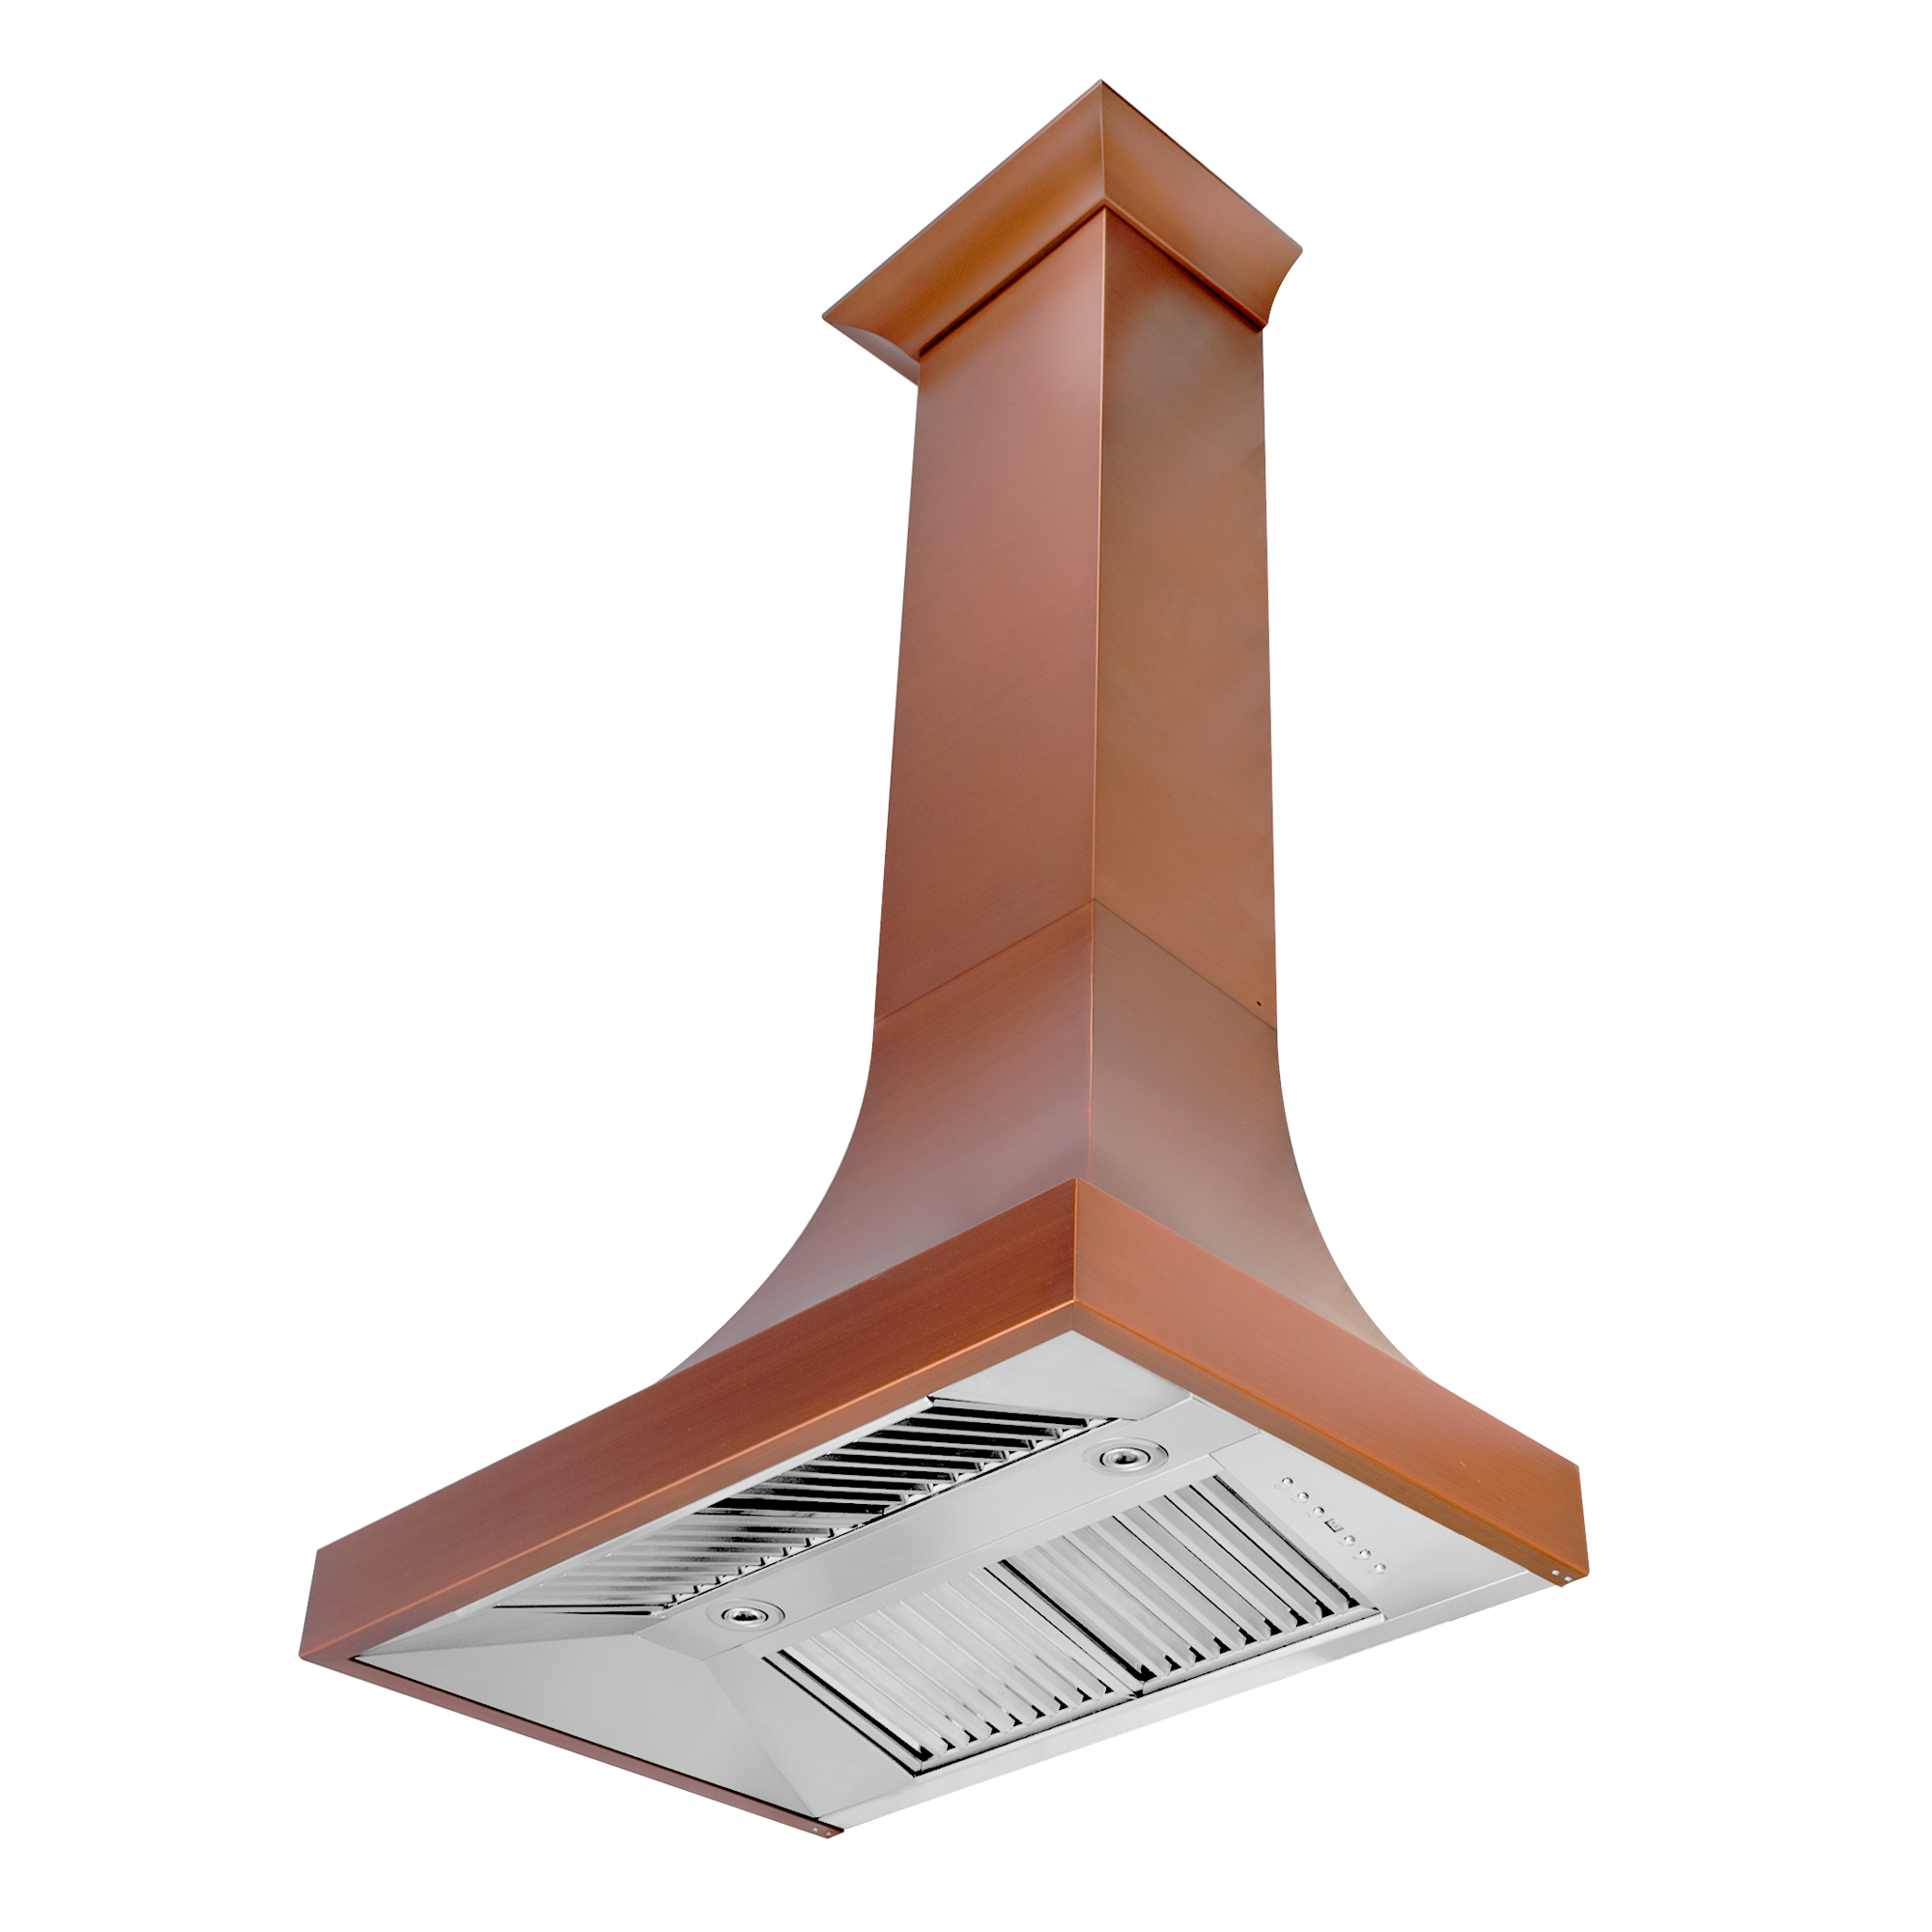 zline-copper-wall-mounted-range-hood-8632C-side.jpg